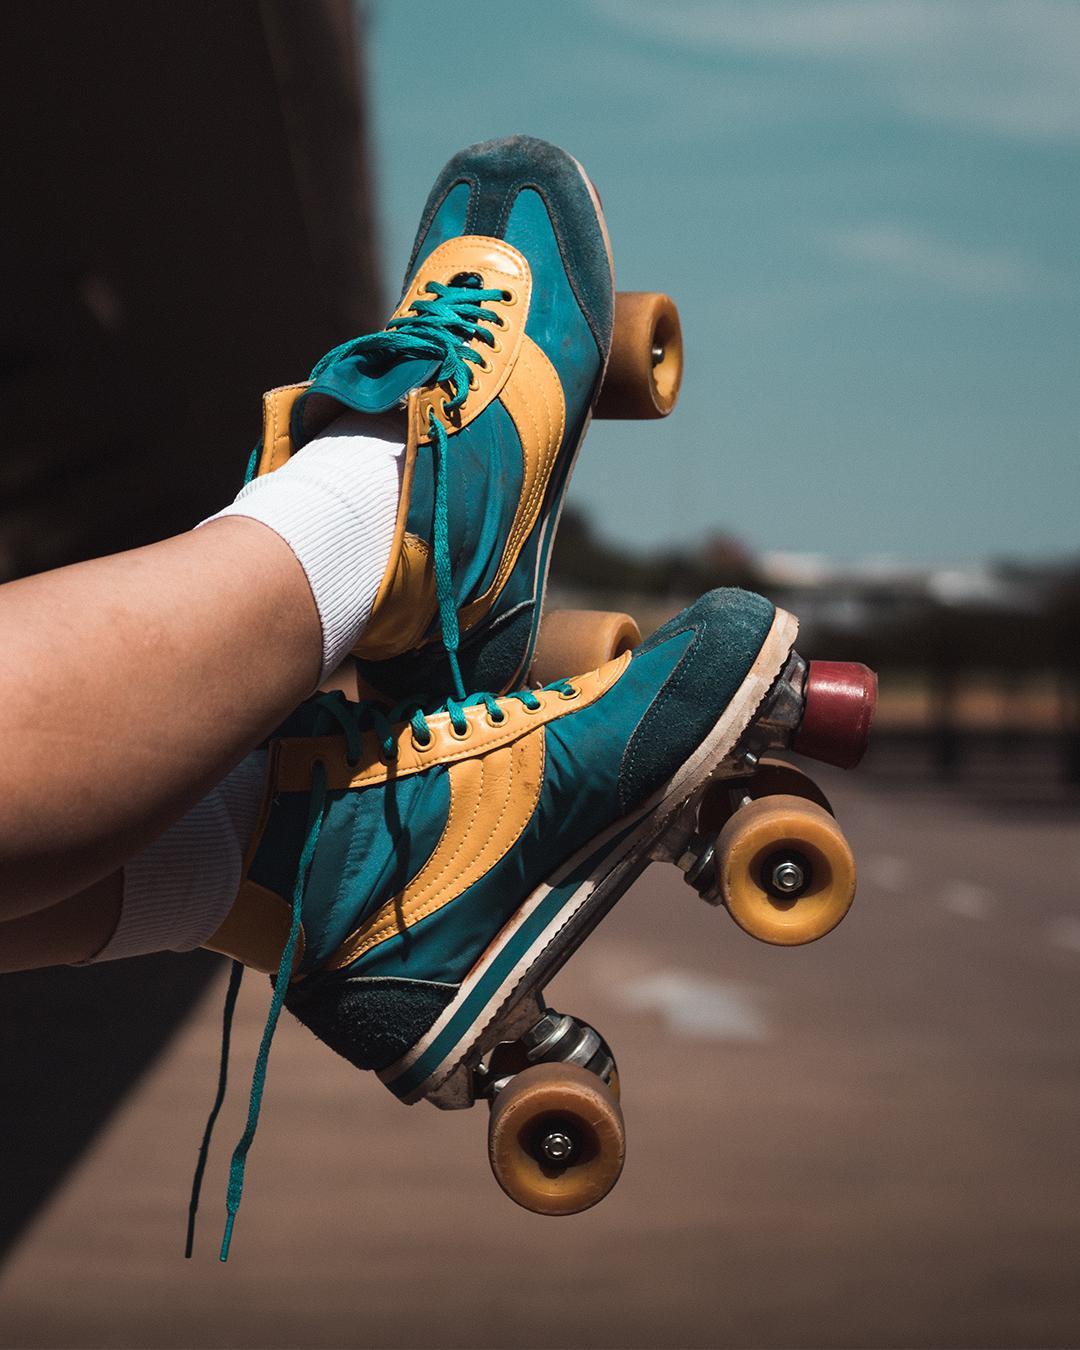 roller skating dilworth park